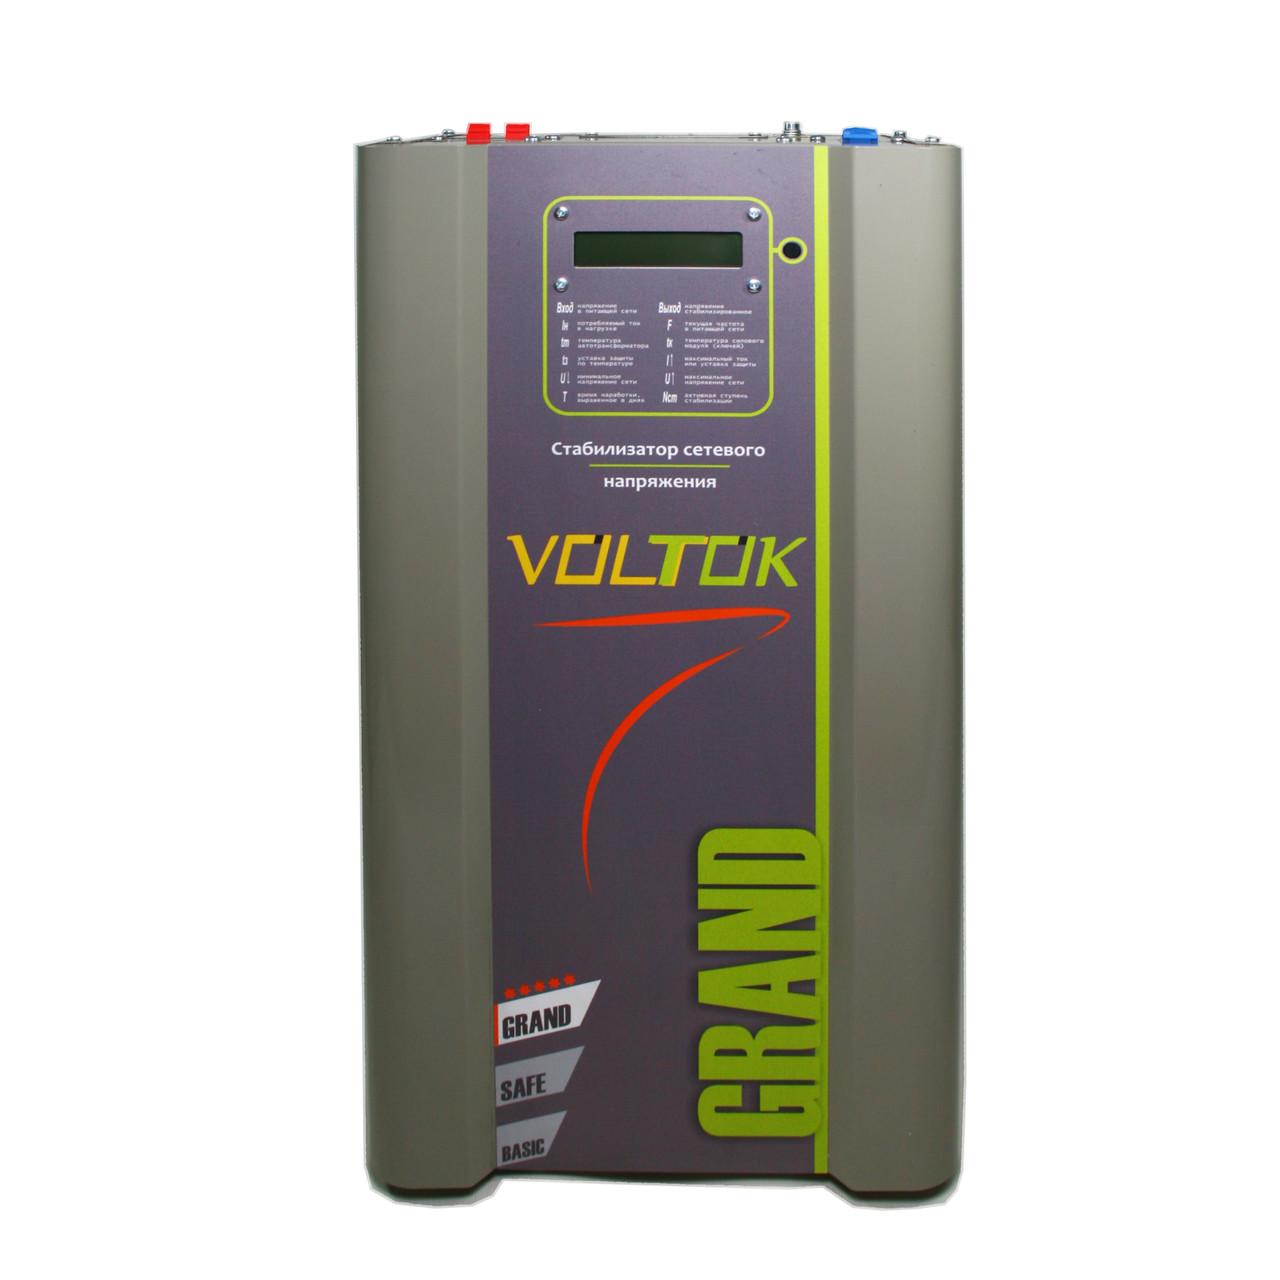 Voltok Grand SRK16-6000